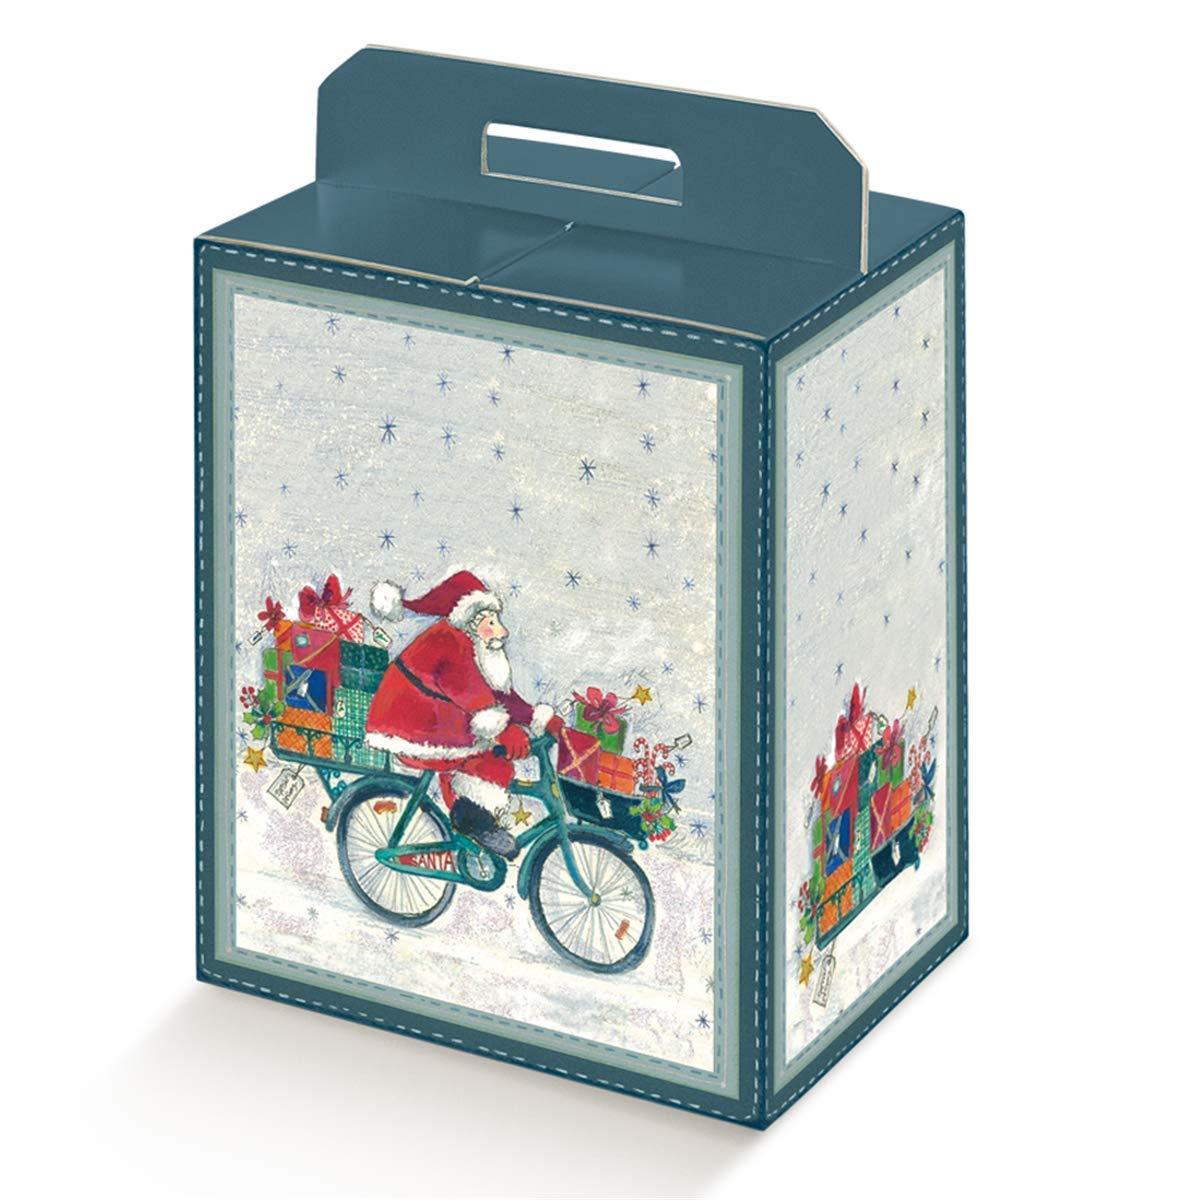 Pou 804.40 Santa'S On Bike Aufbewahrungsboxen für Trinkflaschen, 28 x 20 x 35 cm